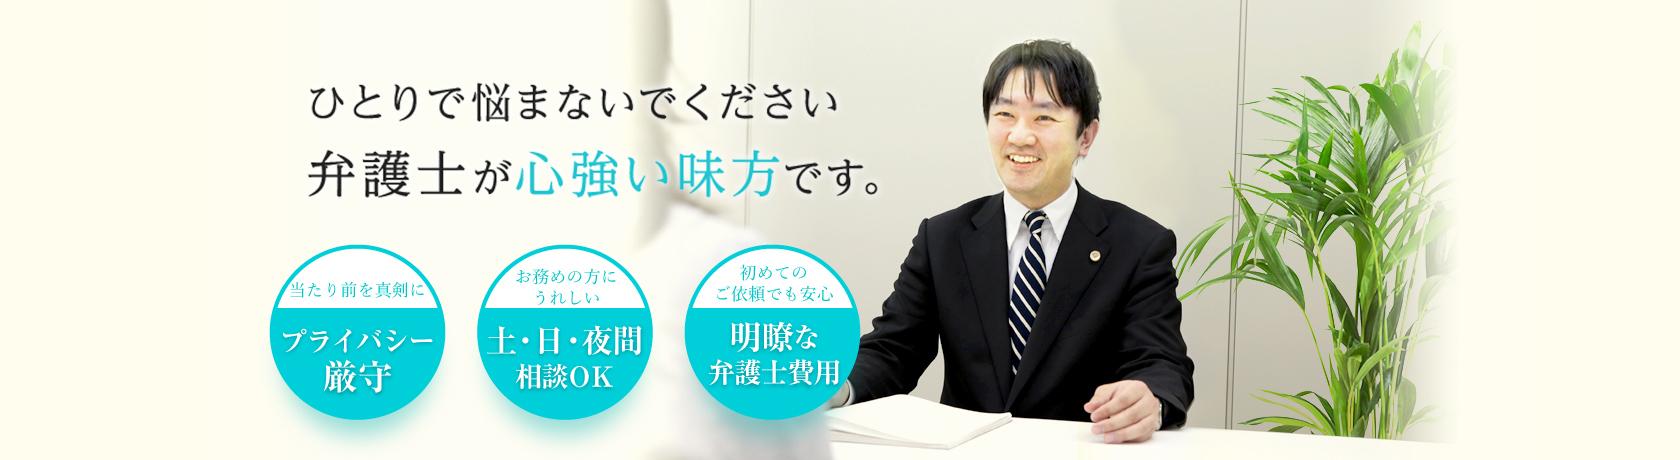 千葉県柏市の弁護士 石塚総合法律事務所メイン画像